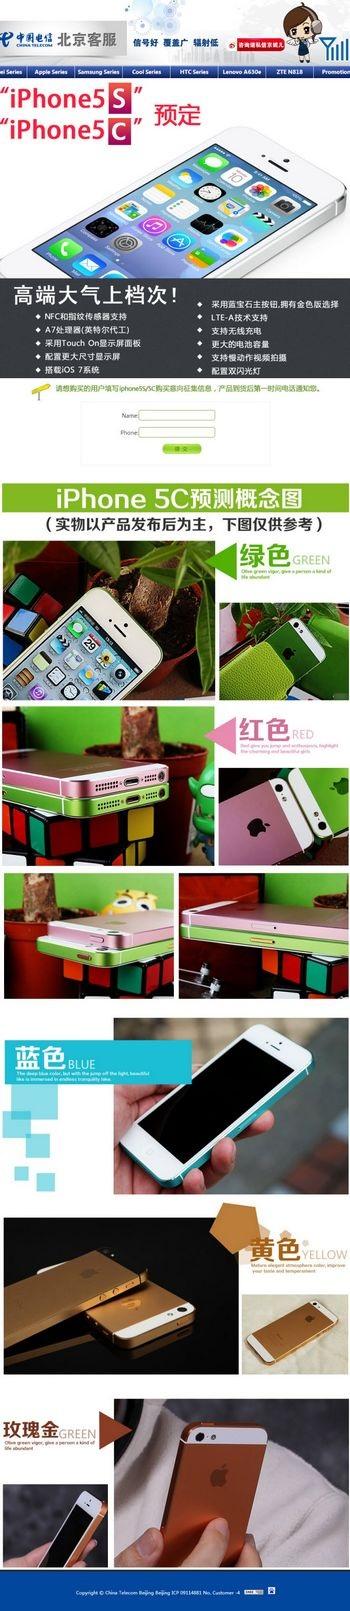 Thông tin và hình ảnh về iPhone thế hệ mới bị China Telecom vô tình đăng tải